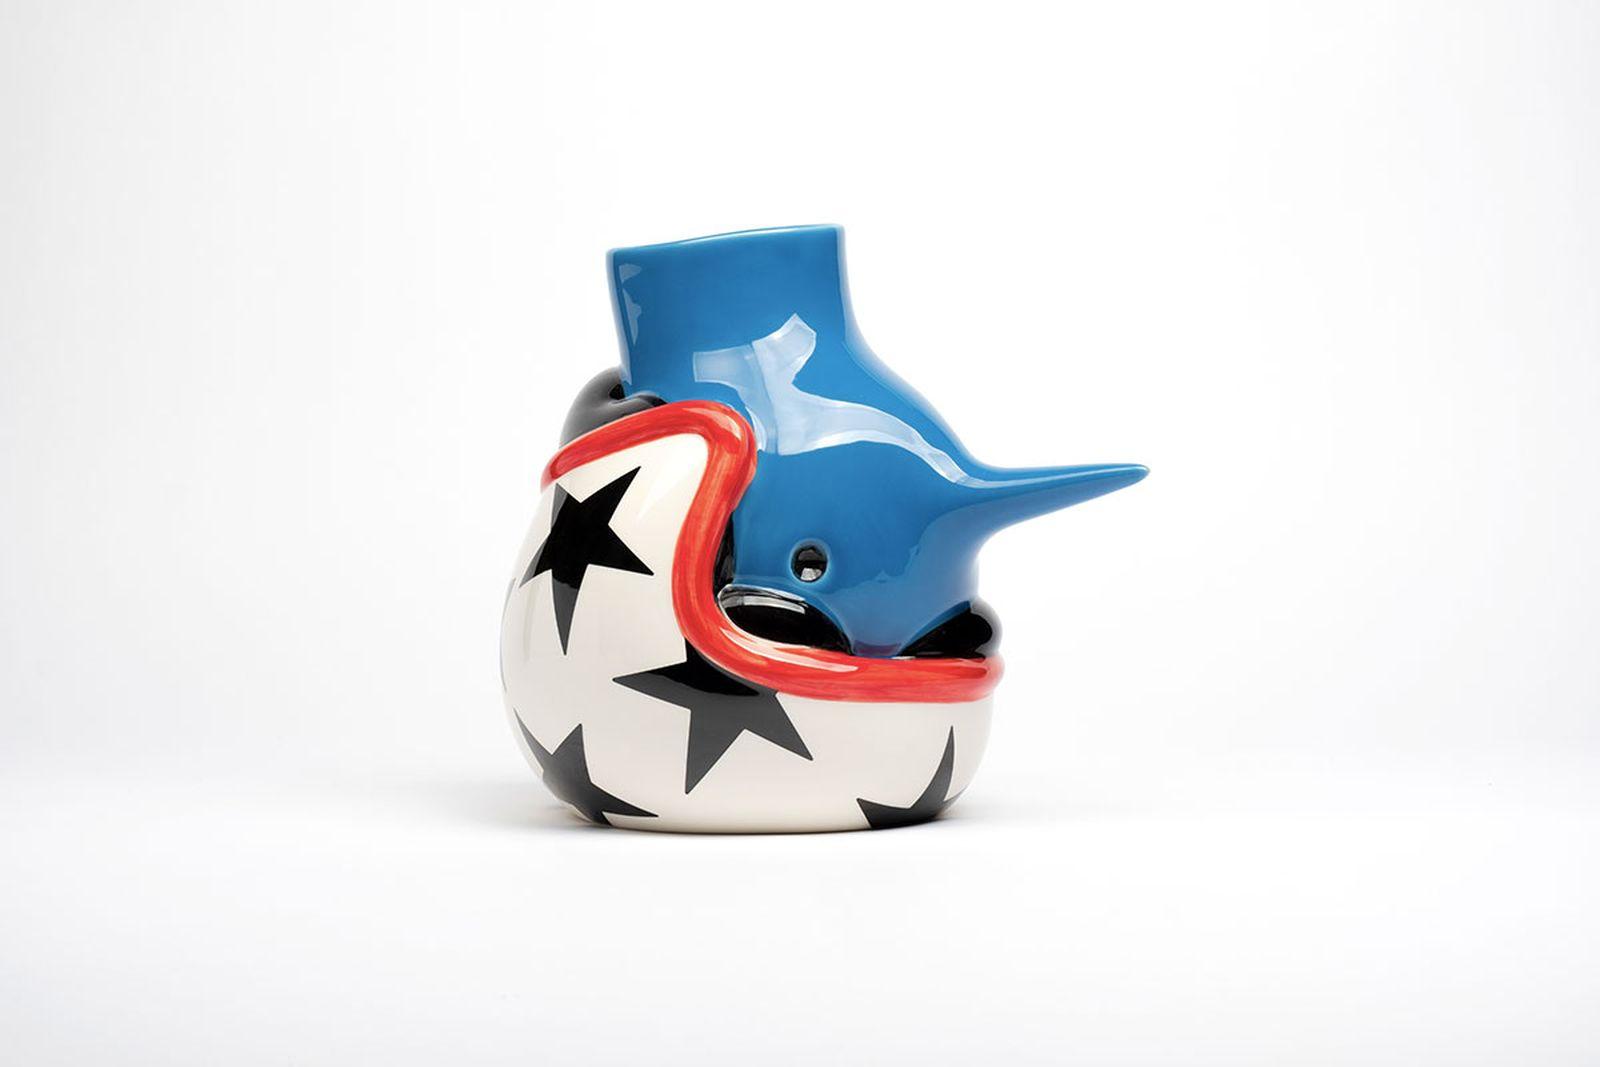 parra-upside-down-helmet-face-vase-annoucement-07